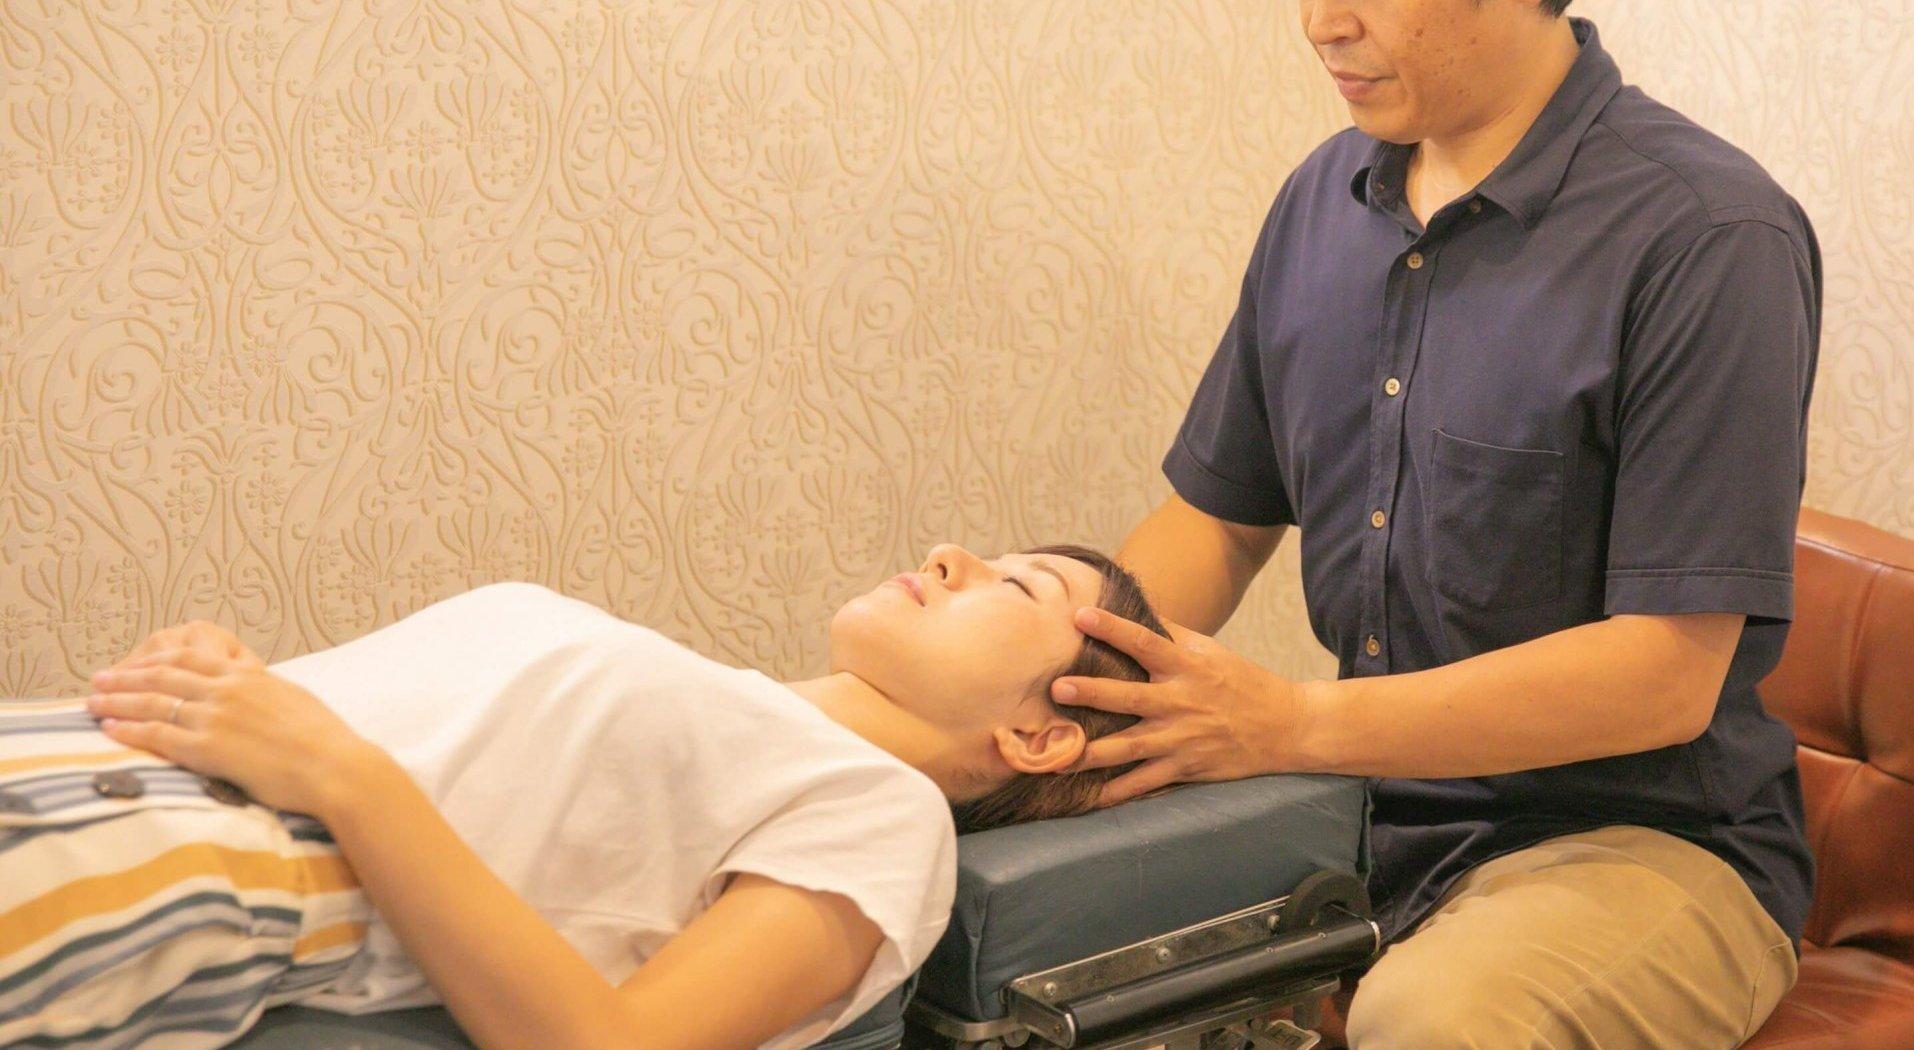 首を整え、脳が身体を回復させる<br>「無痛の骨格矯正」